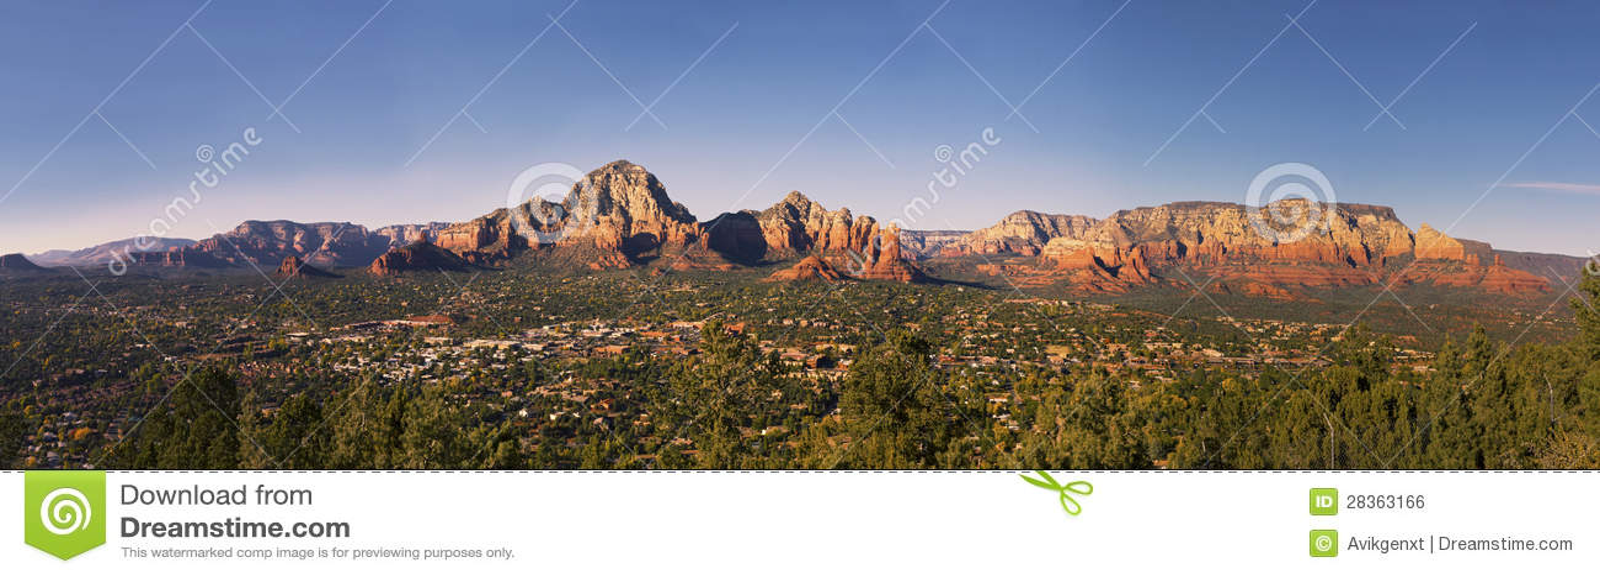 Panorama da cidade de Sedona